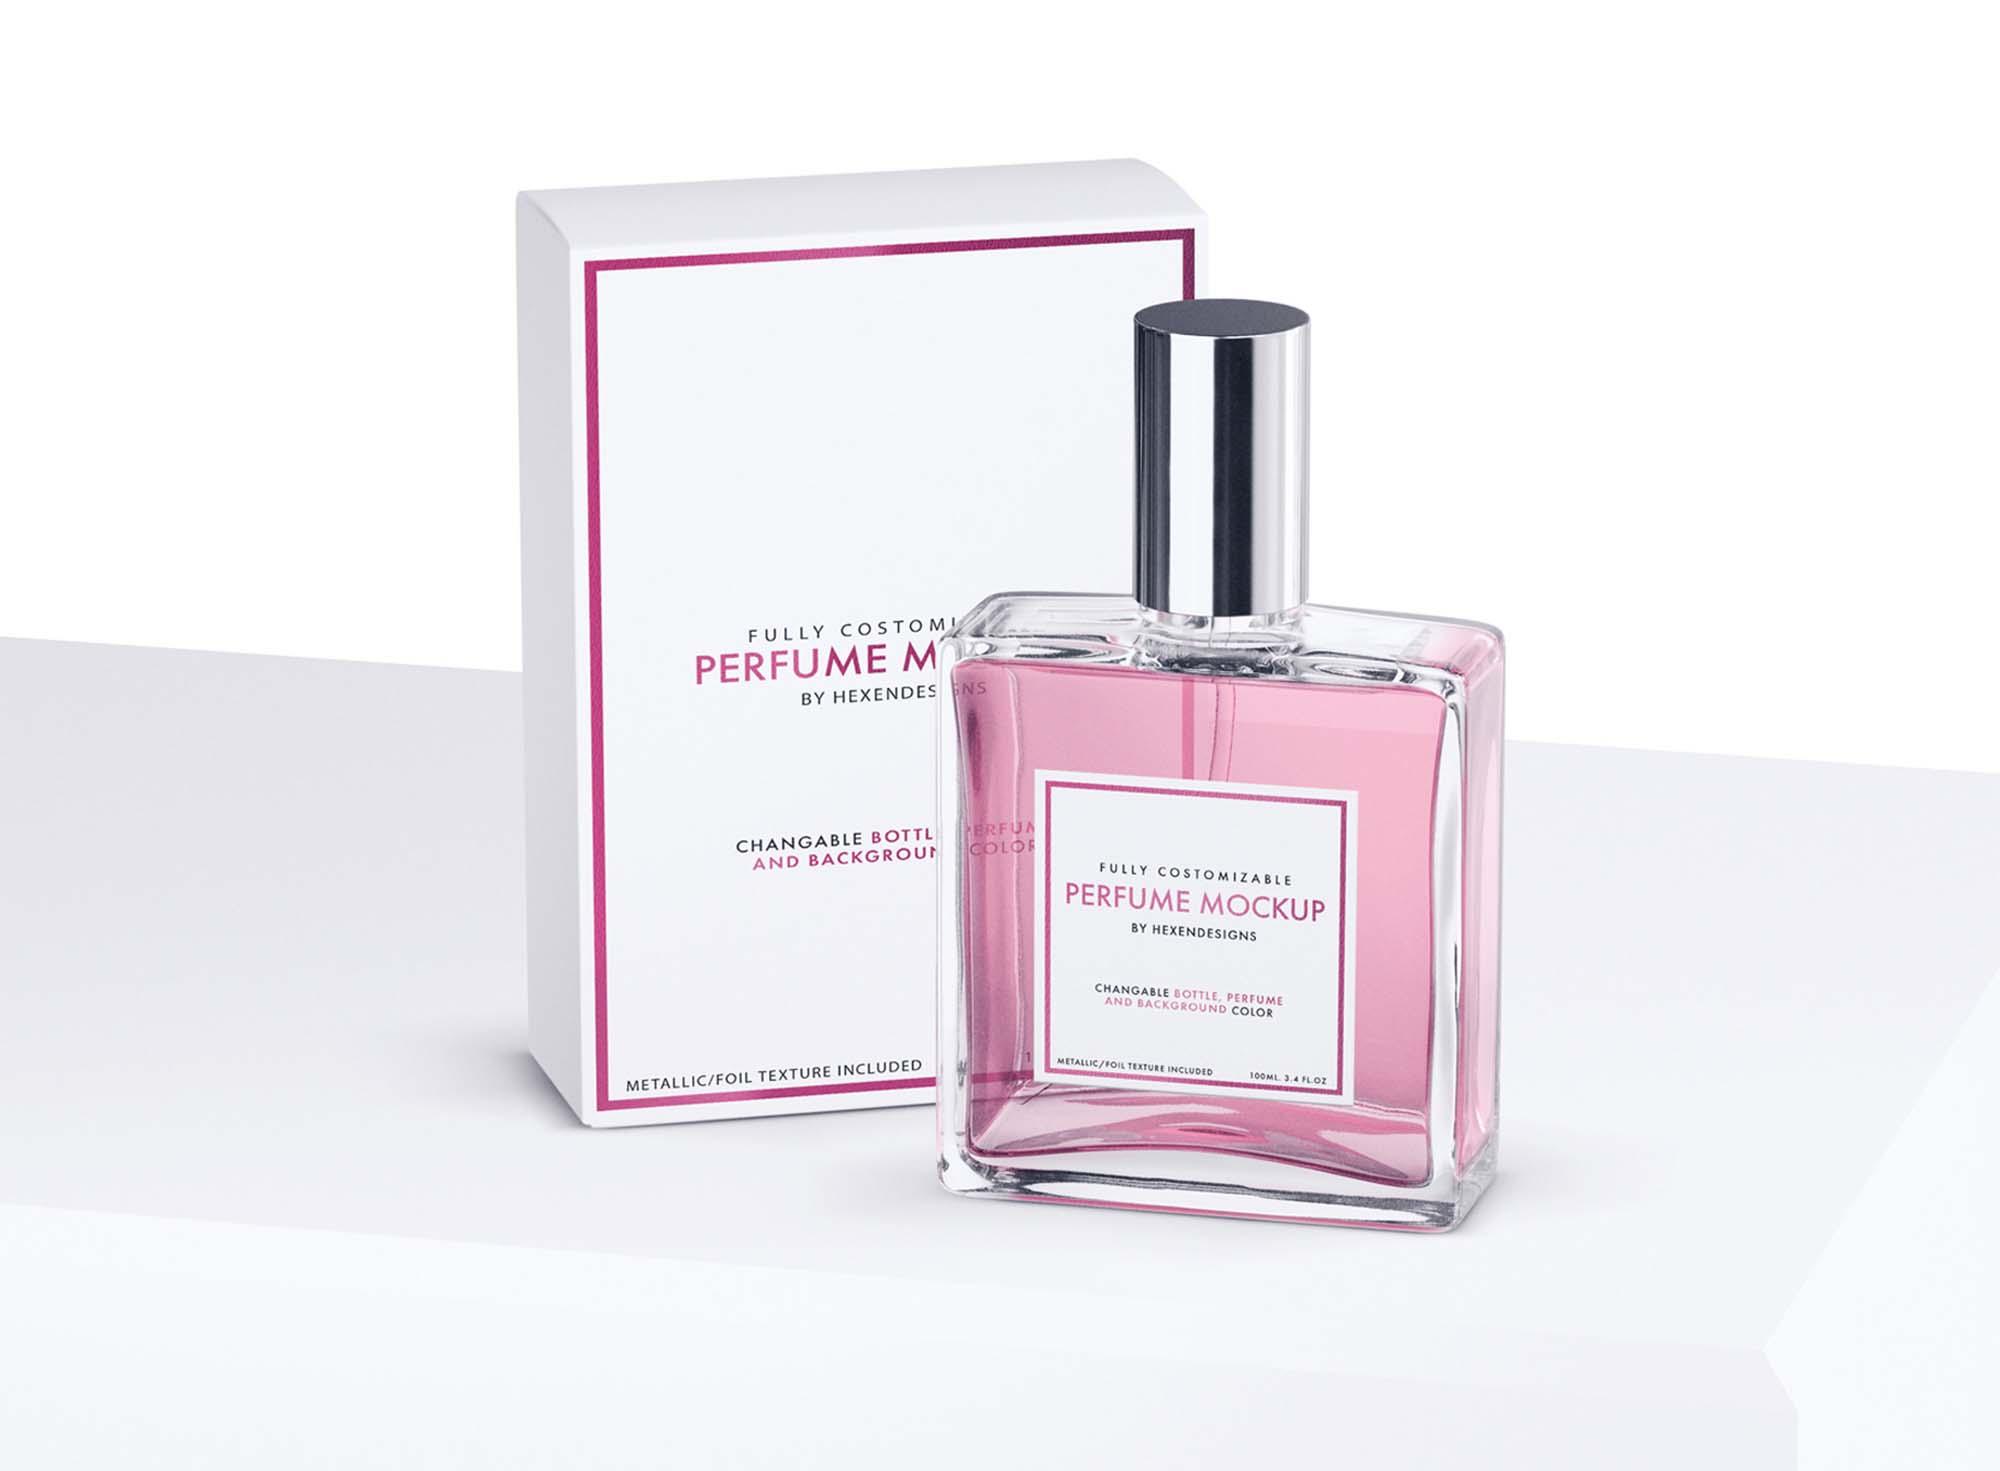 Perfume Package Mockup 4